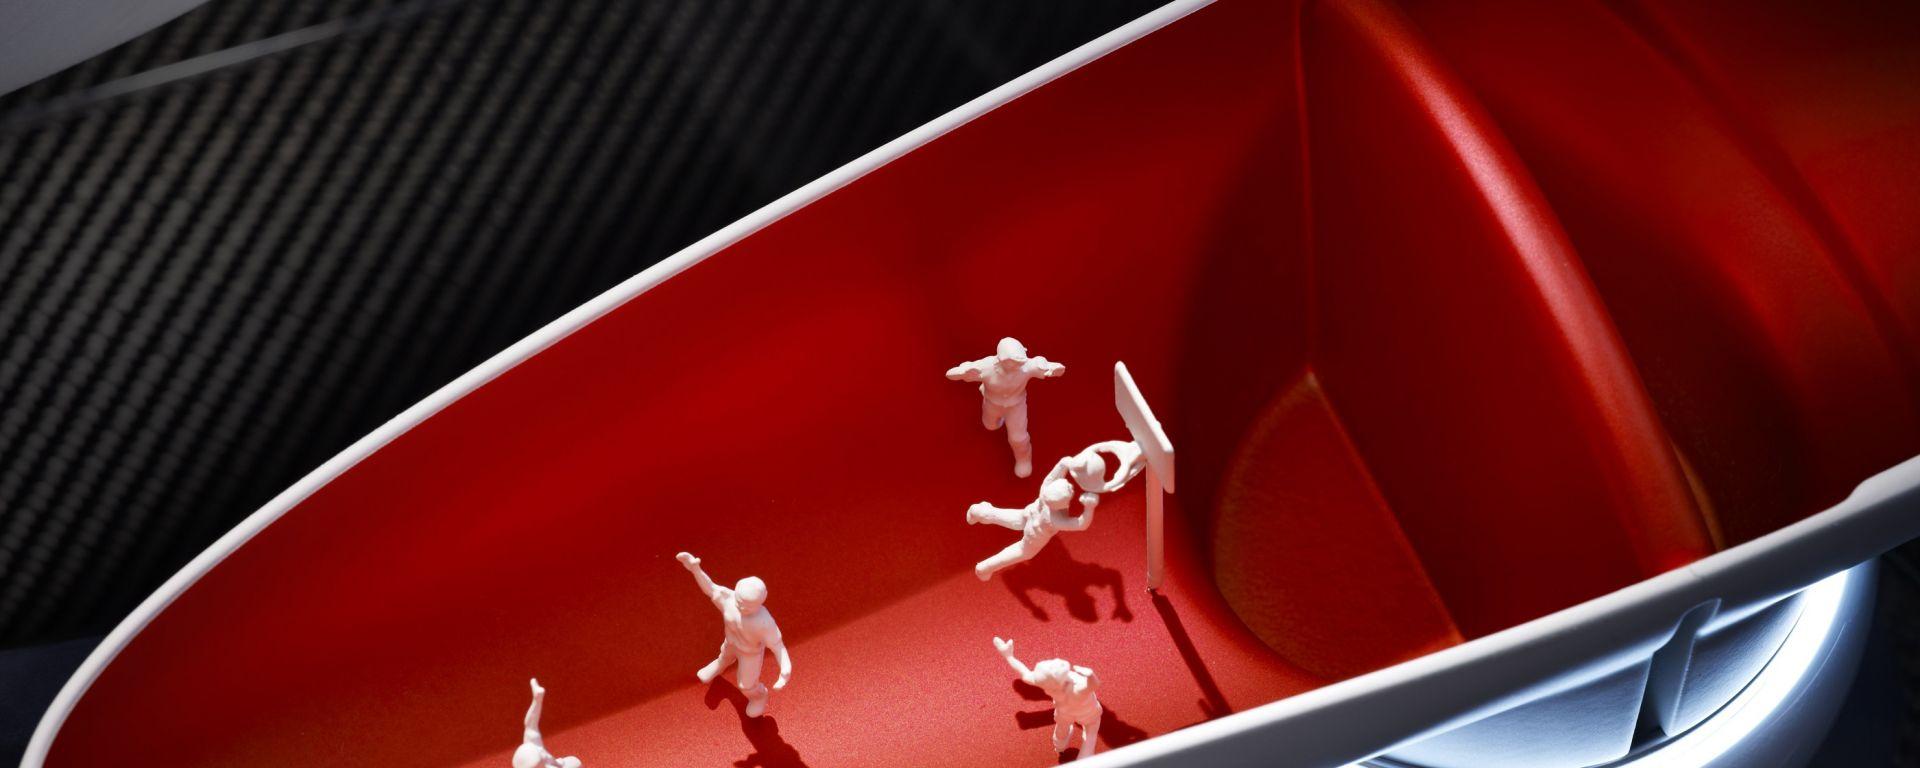 Mini Rocketman Concept: nuovo look per le Olimpiadi